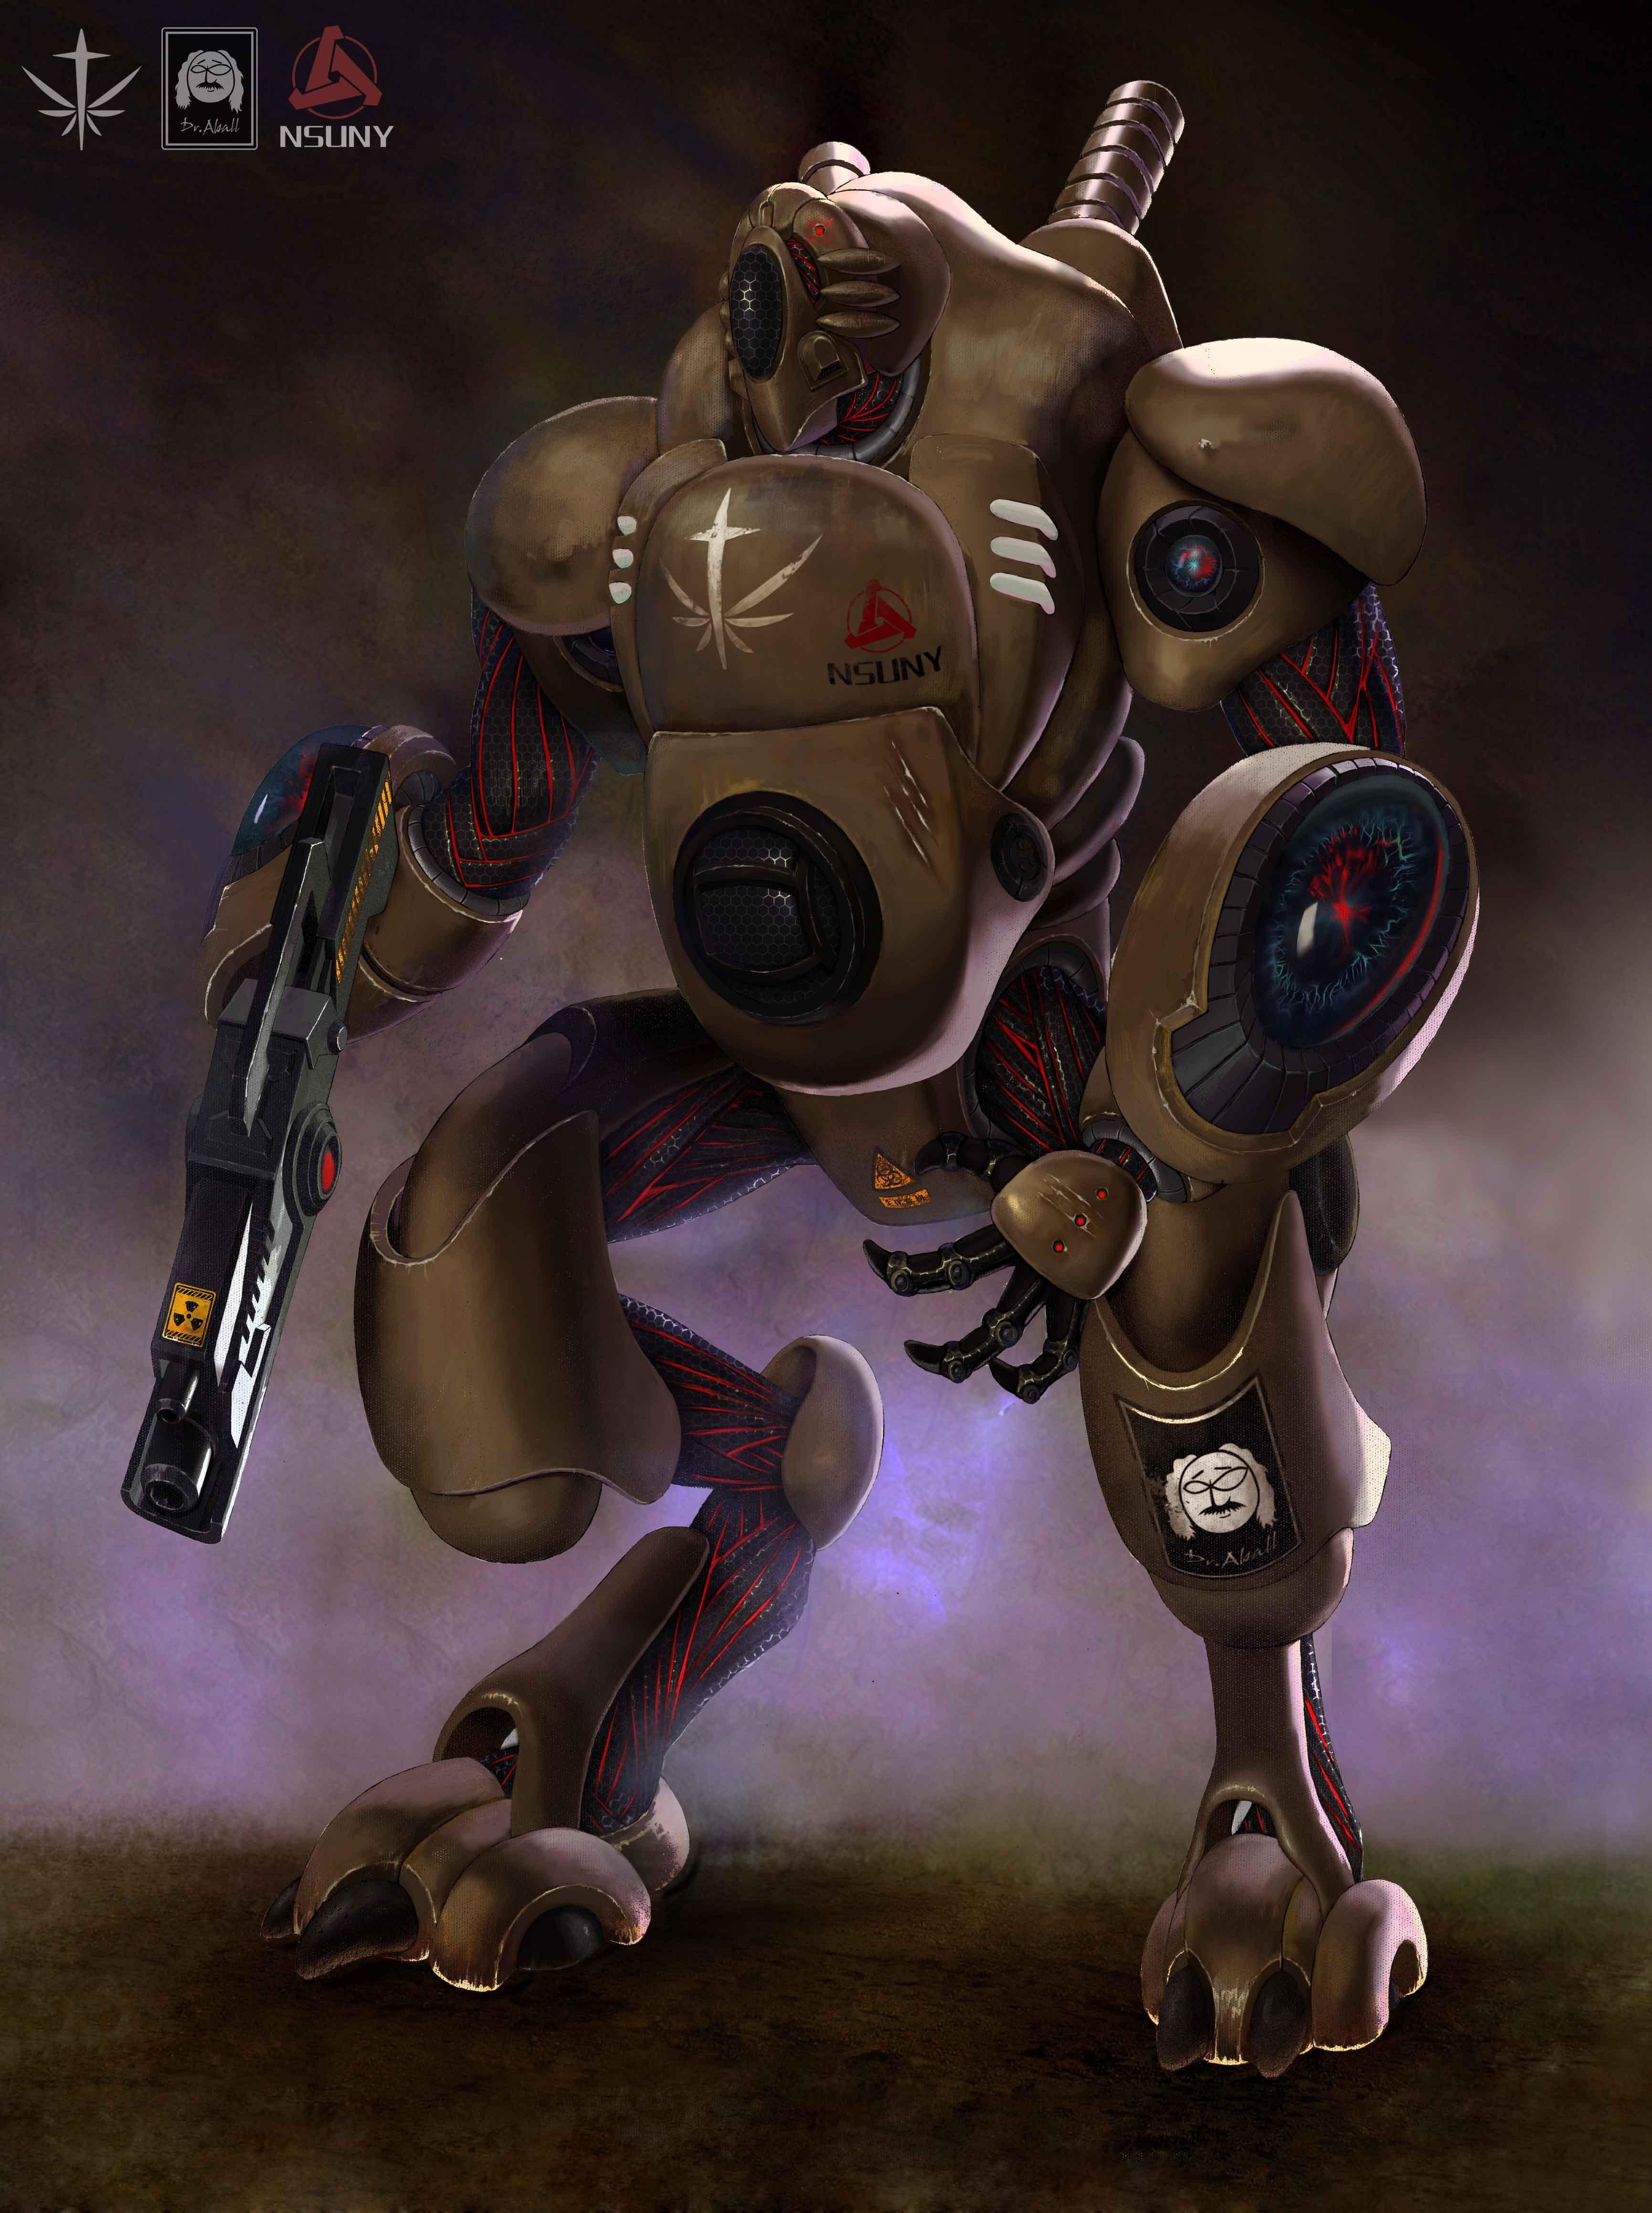 未来机器人